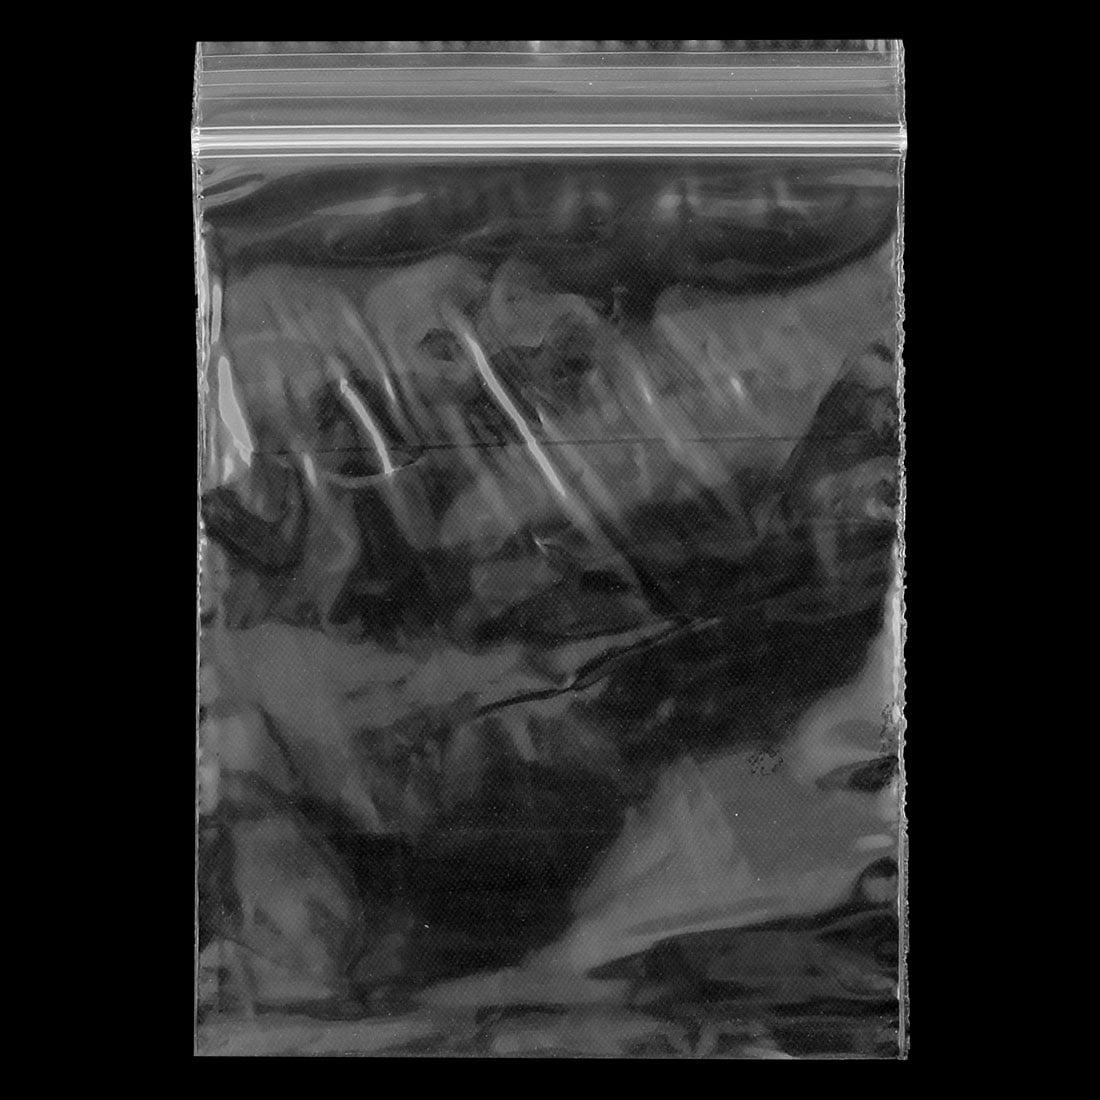 Glissière plastique cuisine Accueil Sacs rangement refermable clair 9cm x 6cm 500pcs - image 3 de 4